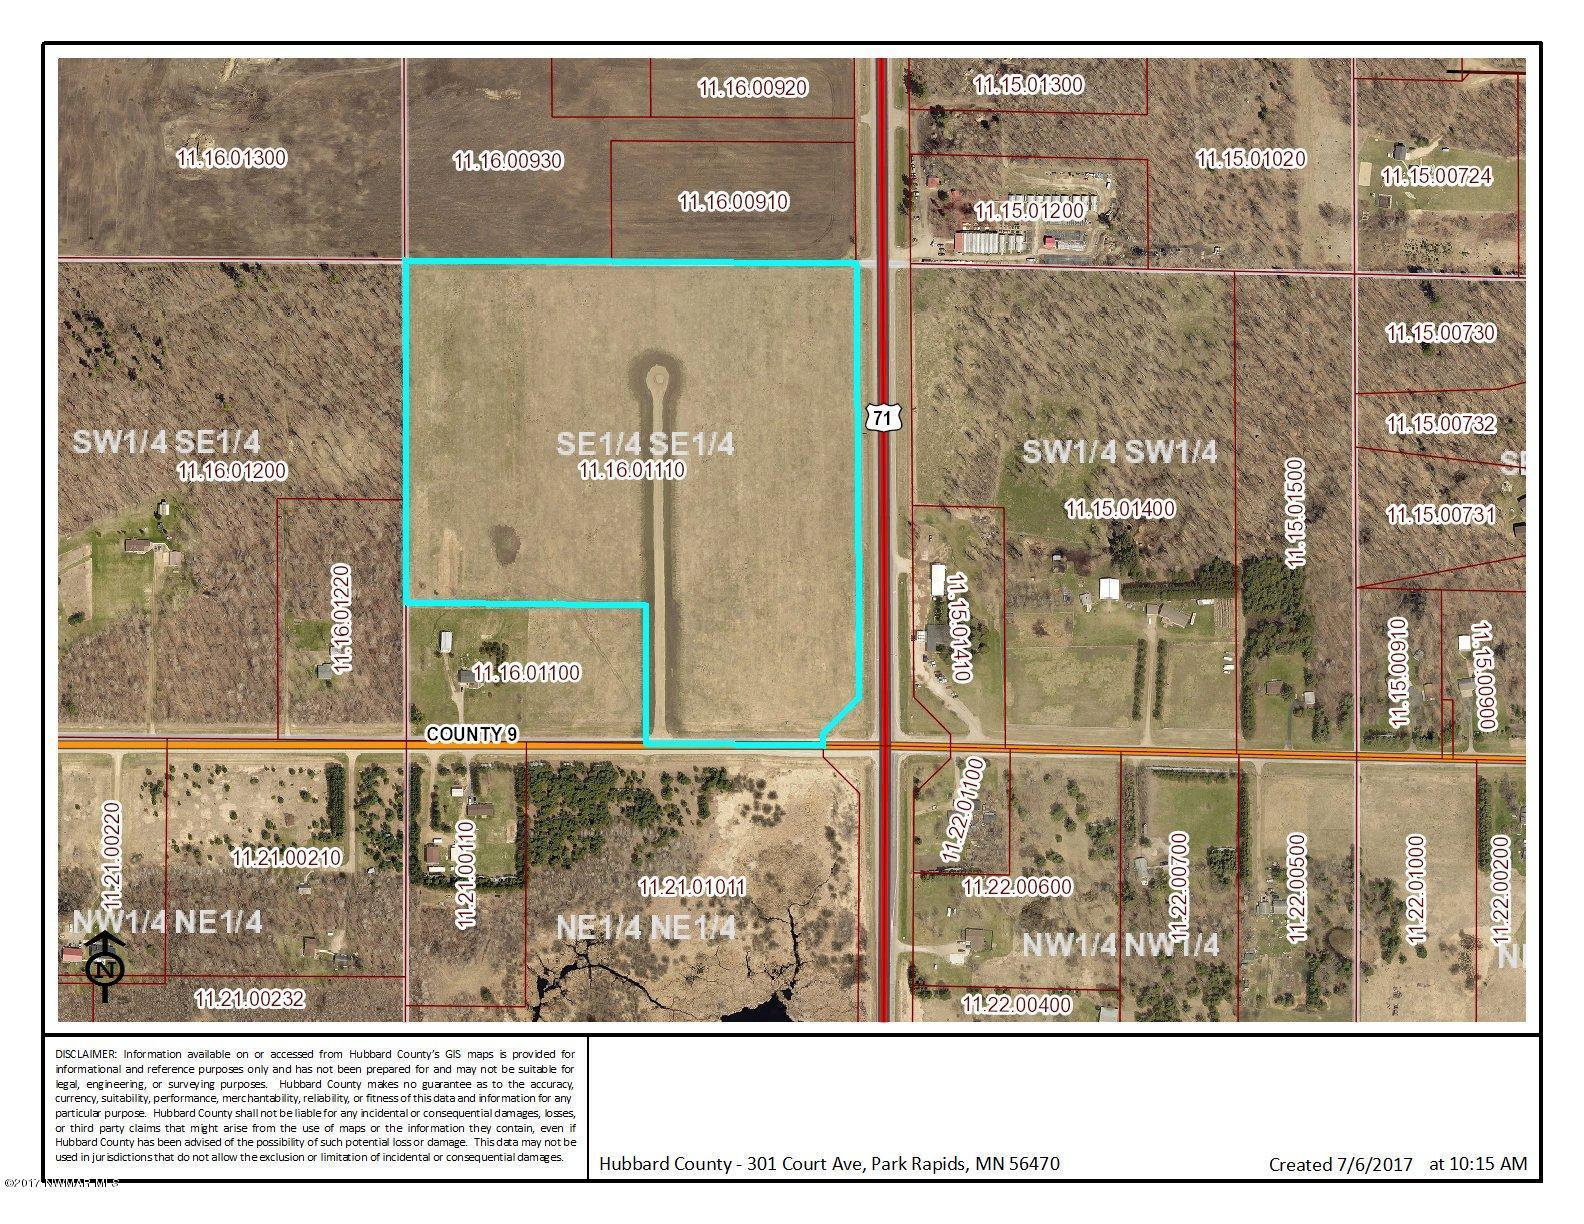 County 9 & HWY 71 Road, Bemidji, MN 56601